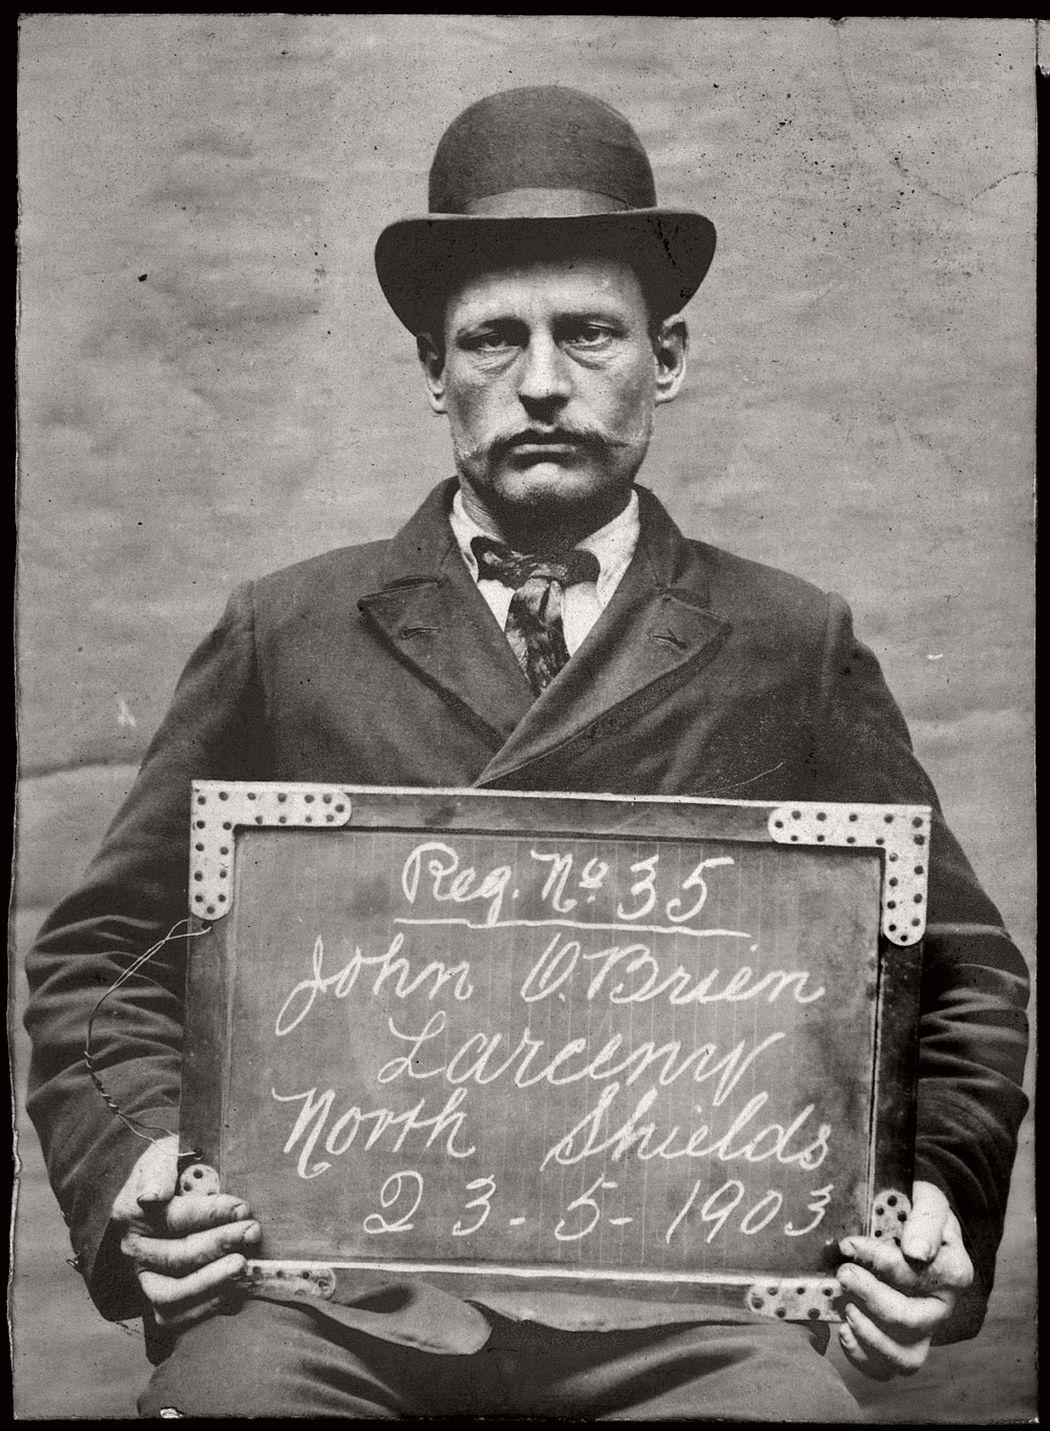 vintage-mug-shot-of-criminals-from-north-shields-1902-1905-04